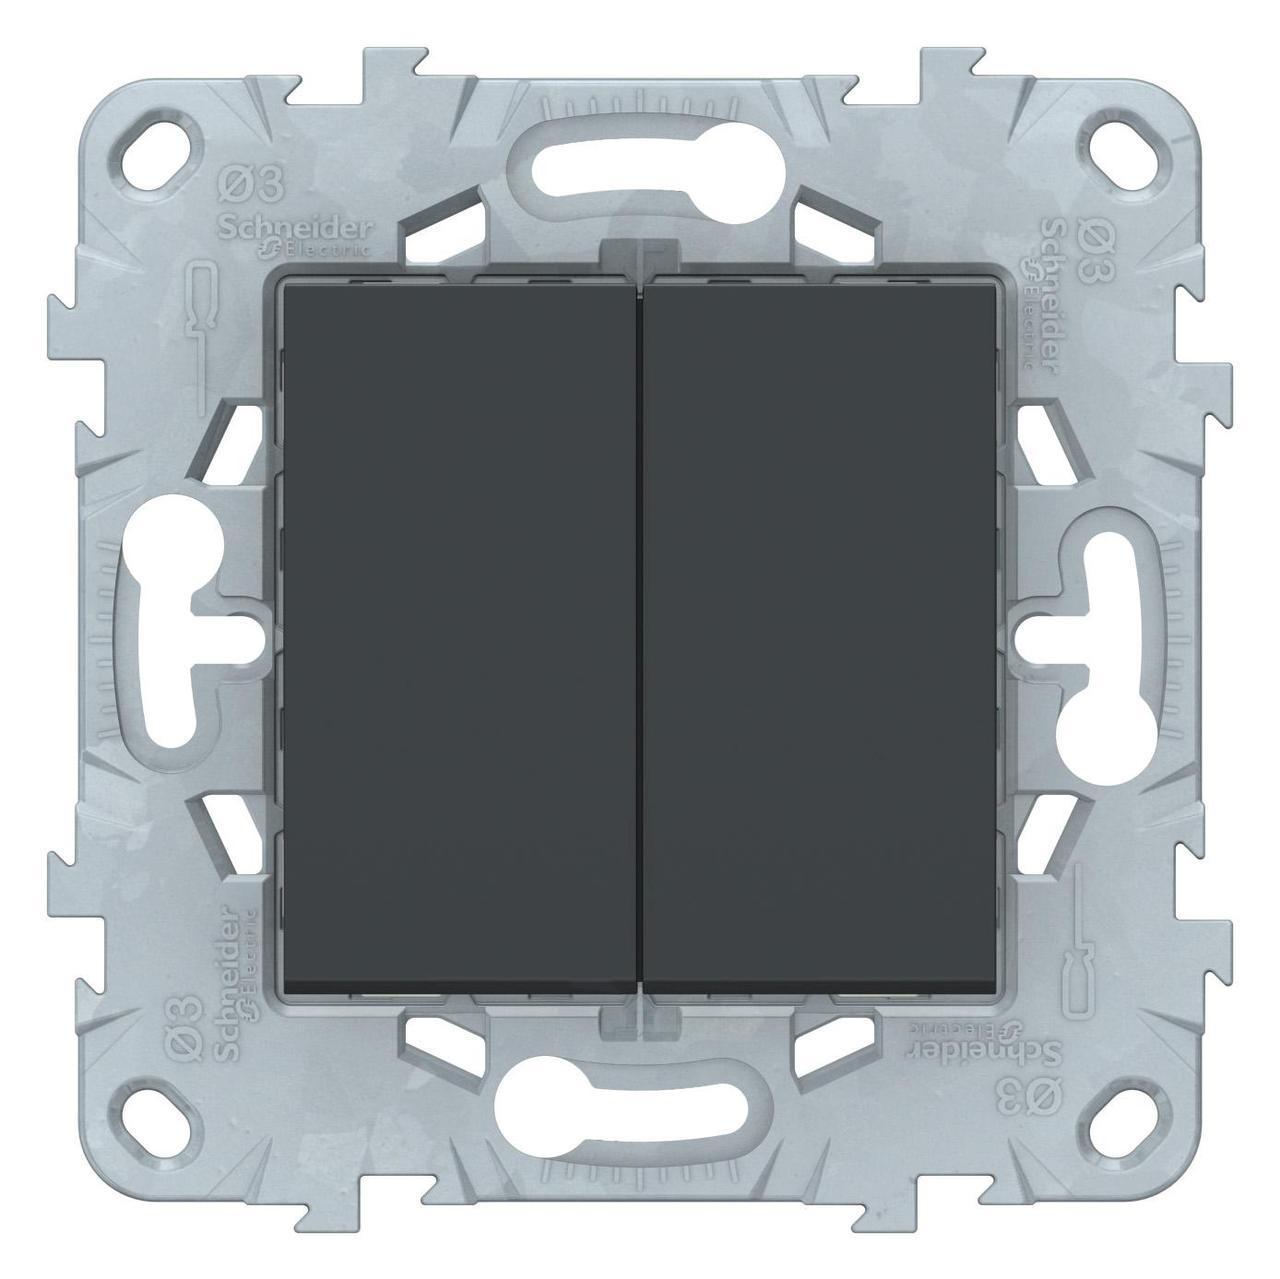 Выключатель 2-клавишный проходной (с двух мест) , Антрацит, серия Unica New, Schneider Electric